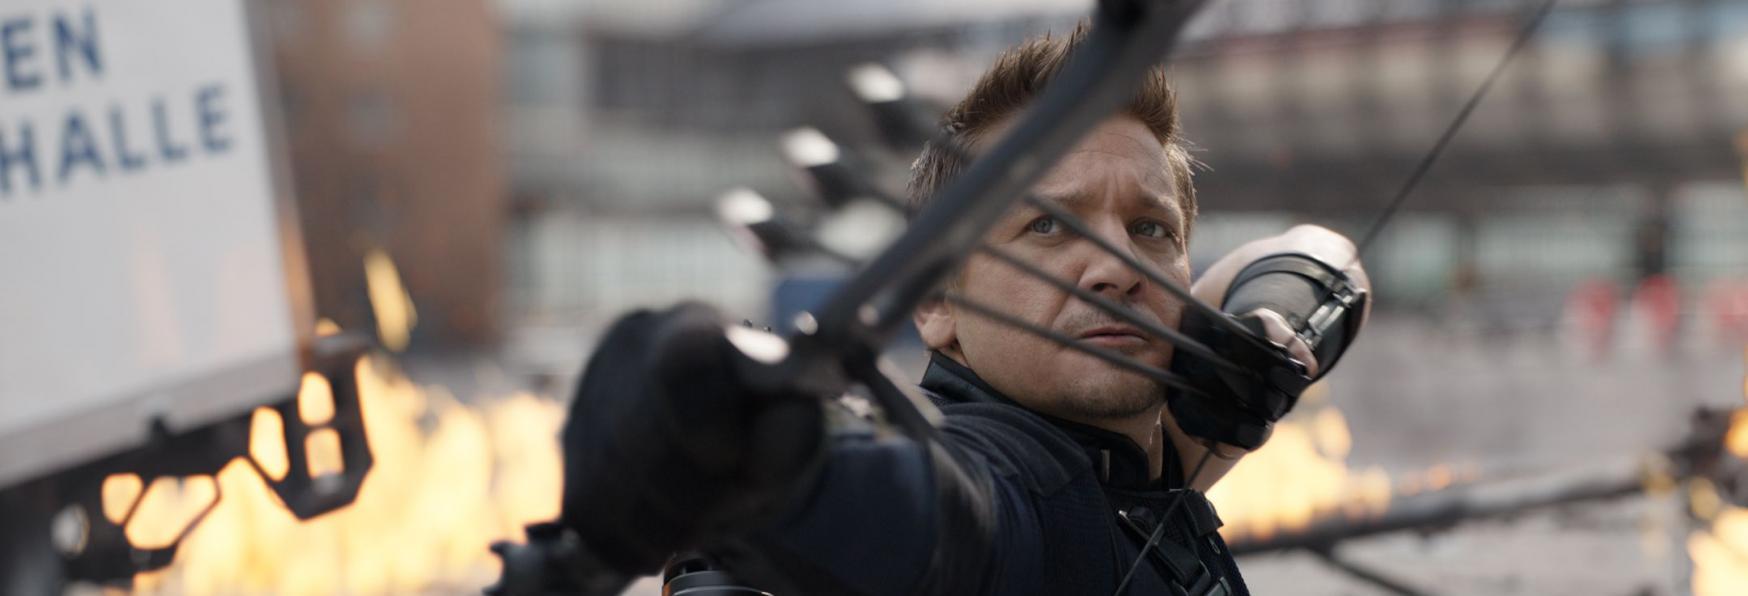 Hawkeye: quando sarà Rilasciata la nuova Serie TV dei Marvel Studios? Alcune Supposizioni